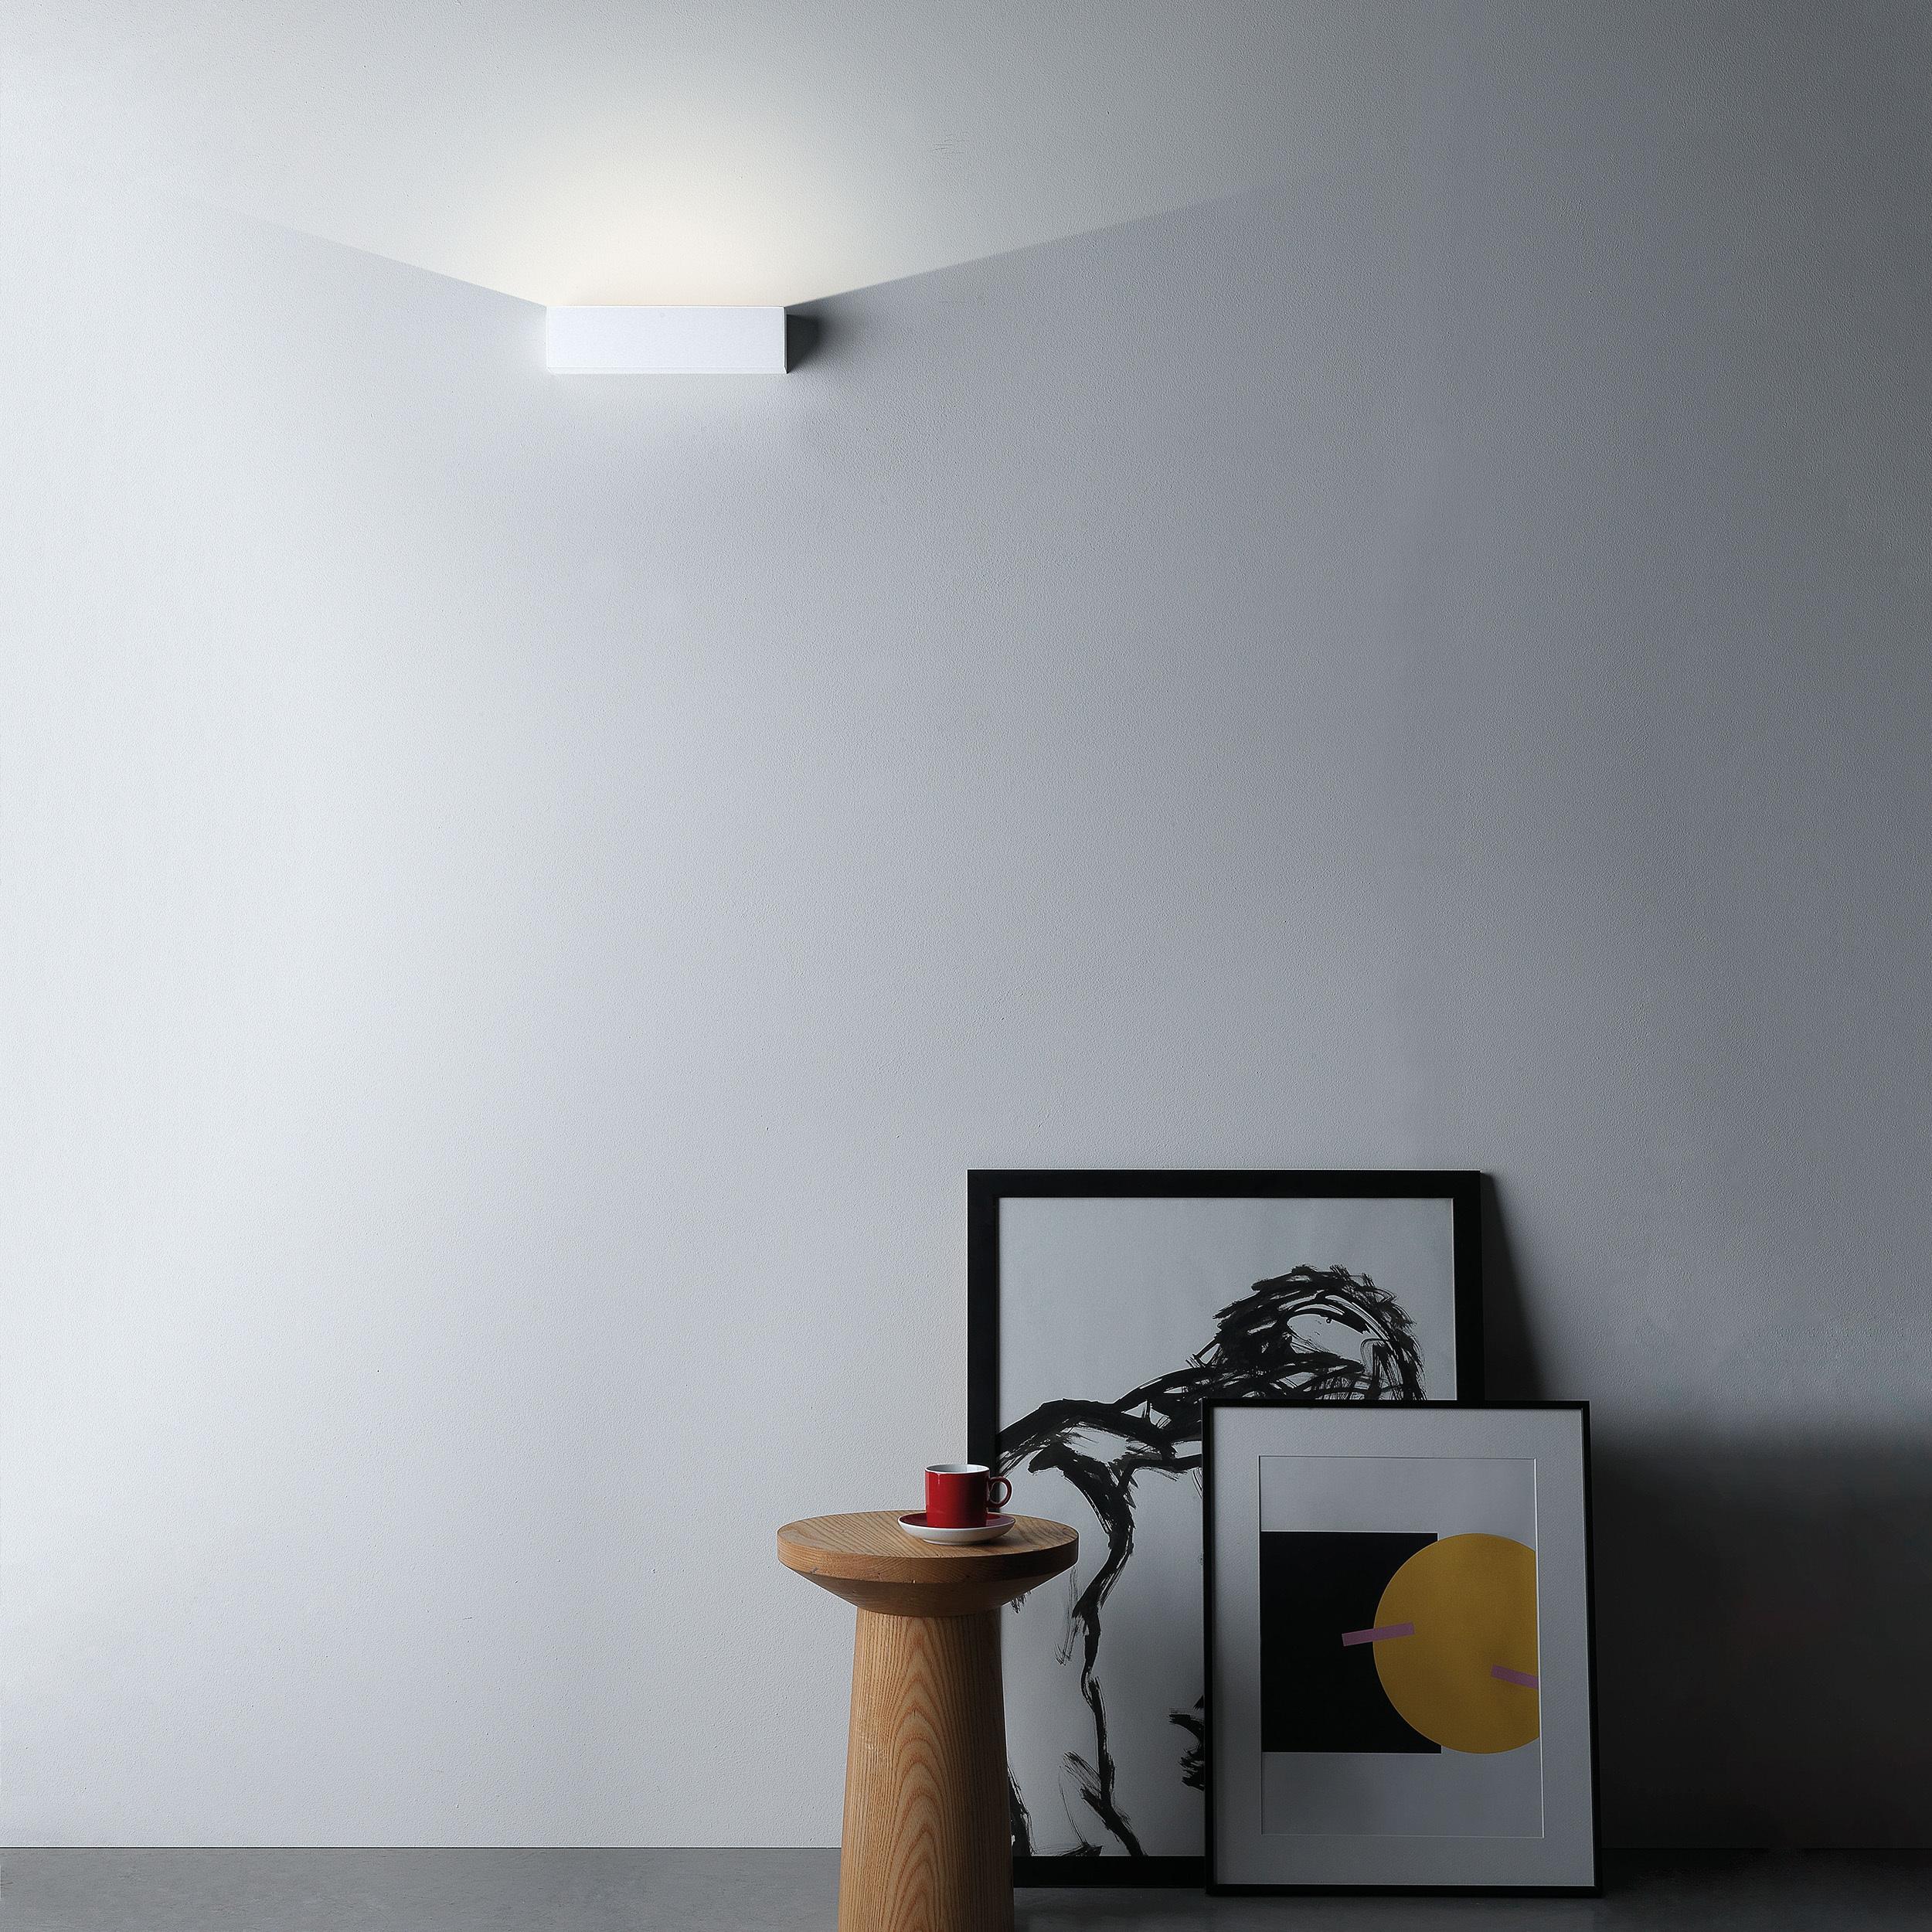 Настенный светодиодный светильник Astro Parma 1187002 (0887), LED 9,04W 3000K 301lm CRI80, белый, под покраску, гипс - фото 3